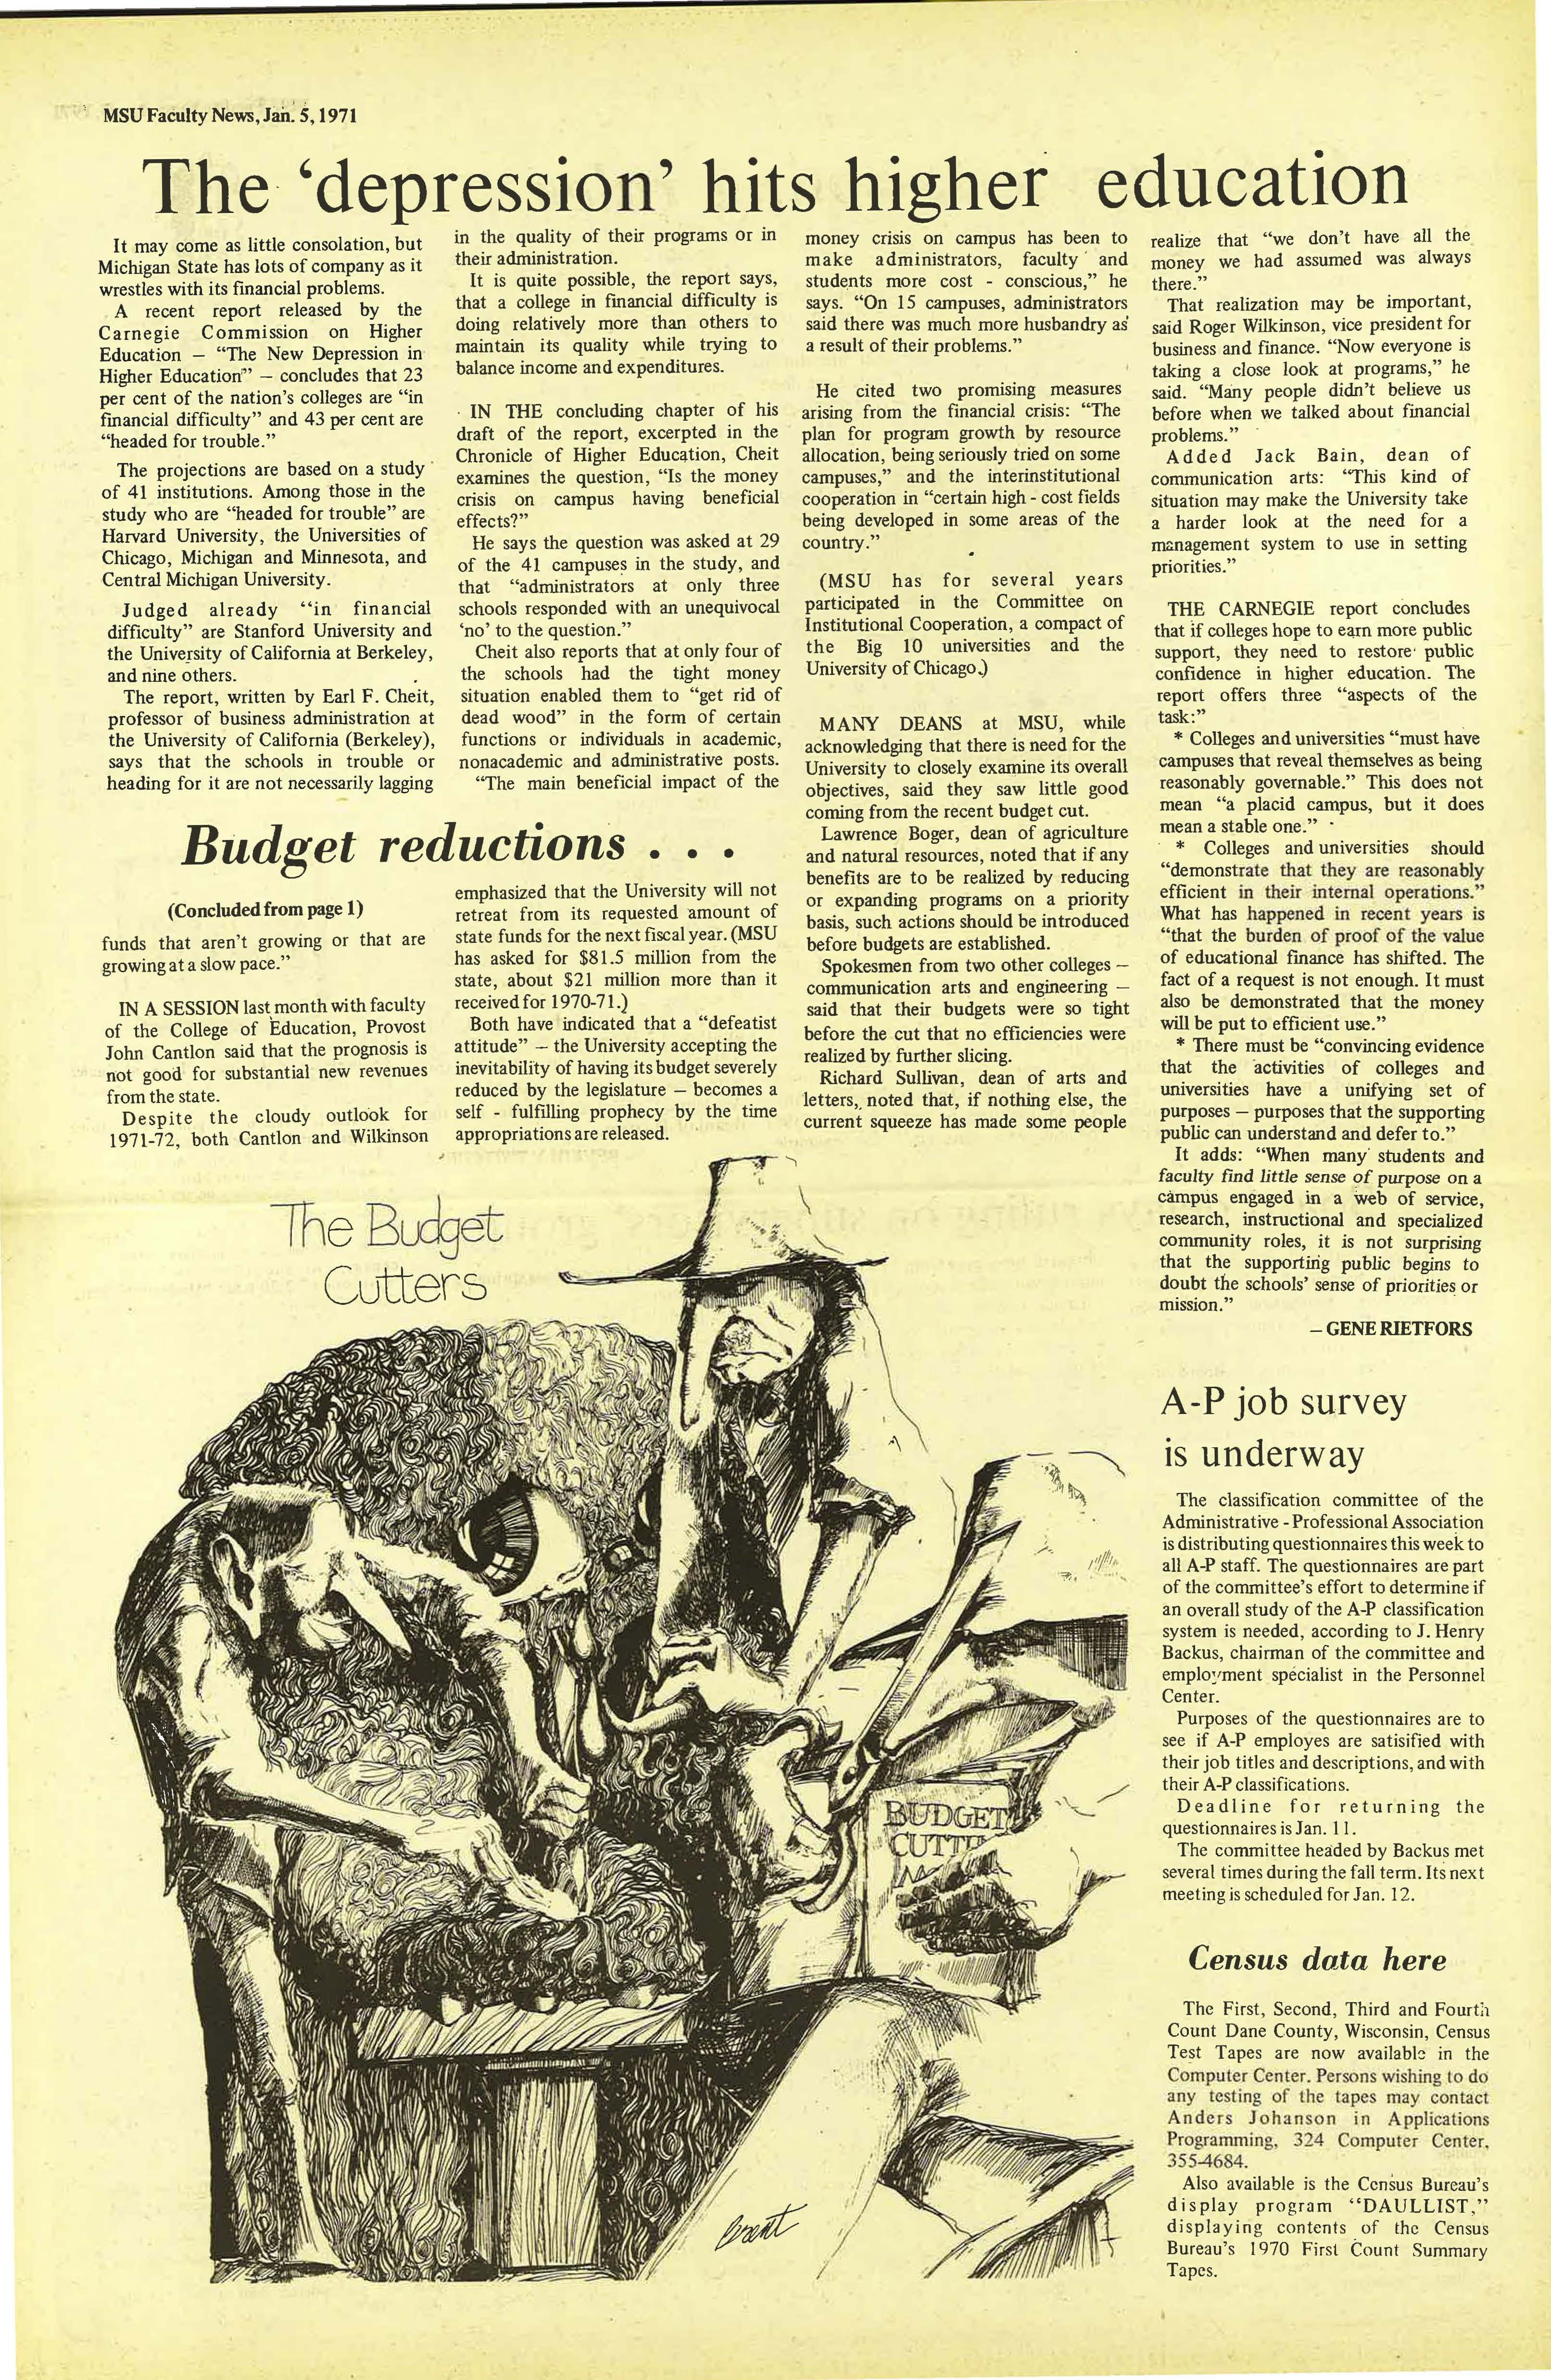 MSU News Bulletin, vol. 2, No. 28, May 20, 1971